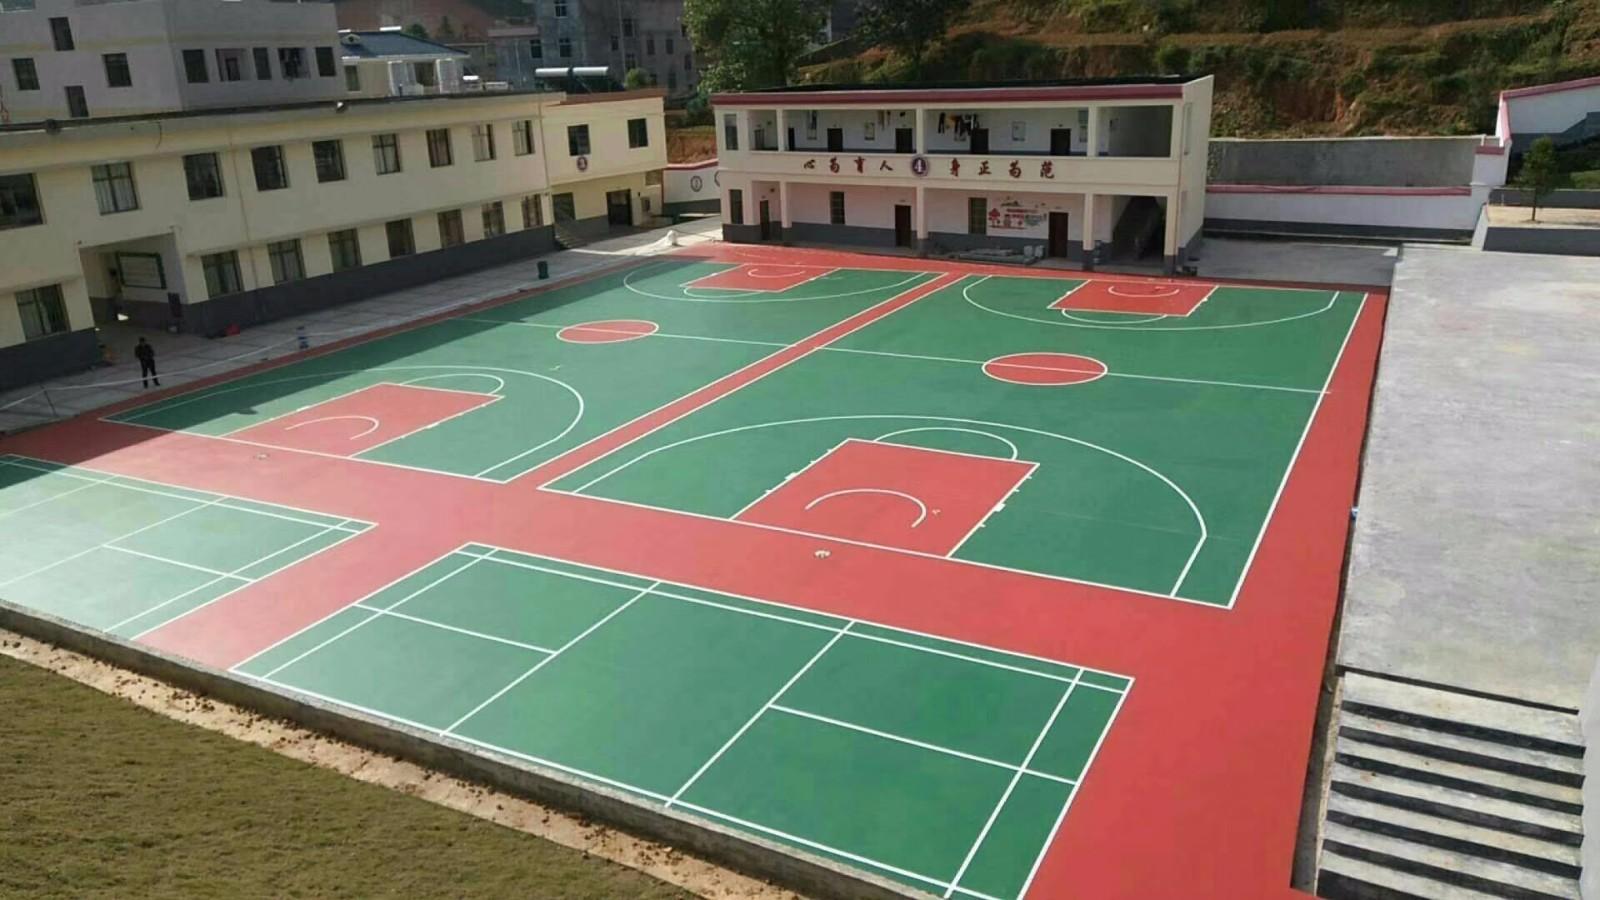 惠州市才华学校硅PU篮球场及羽毛球场.jpg